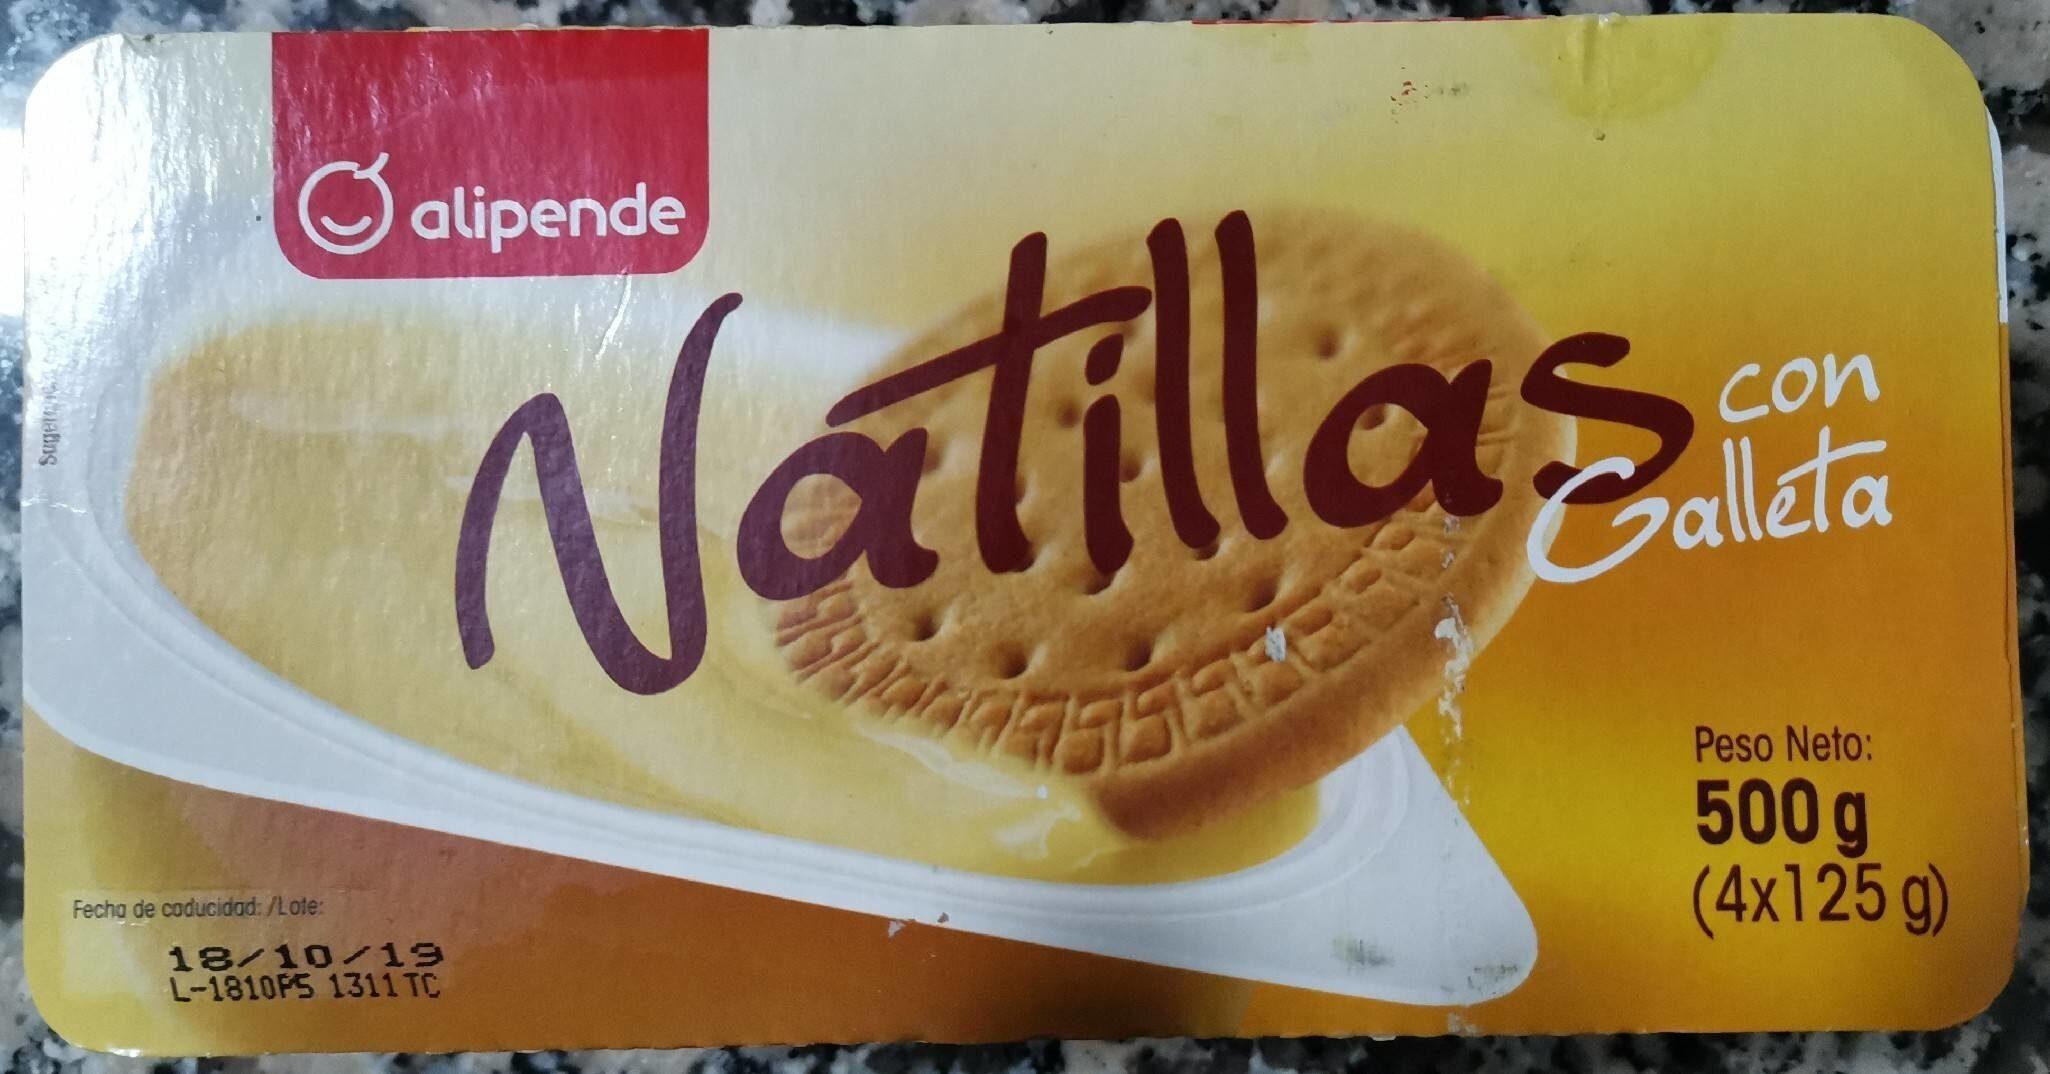 Natillas con Galleta - Product